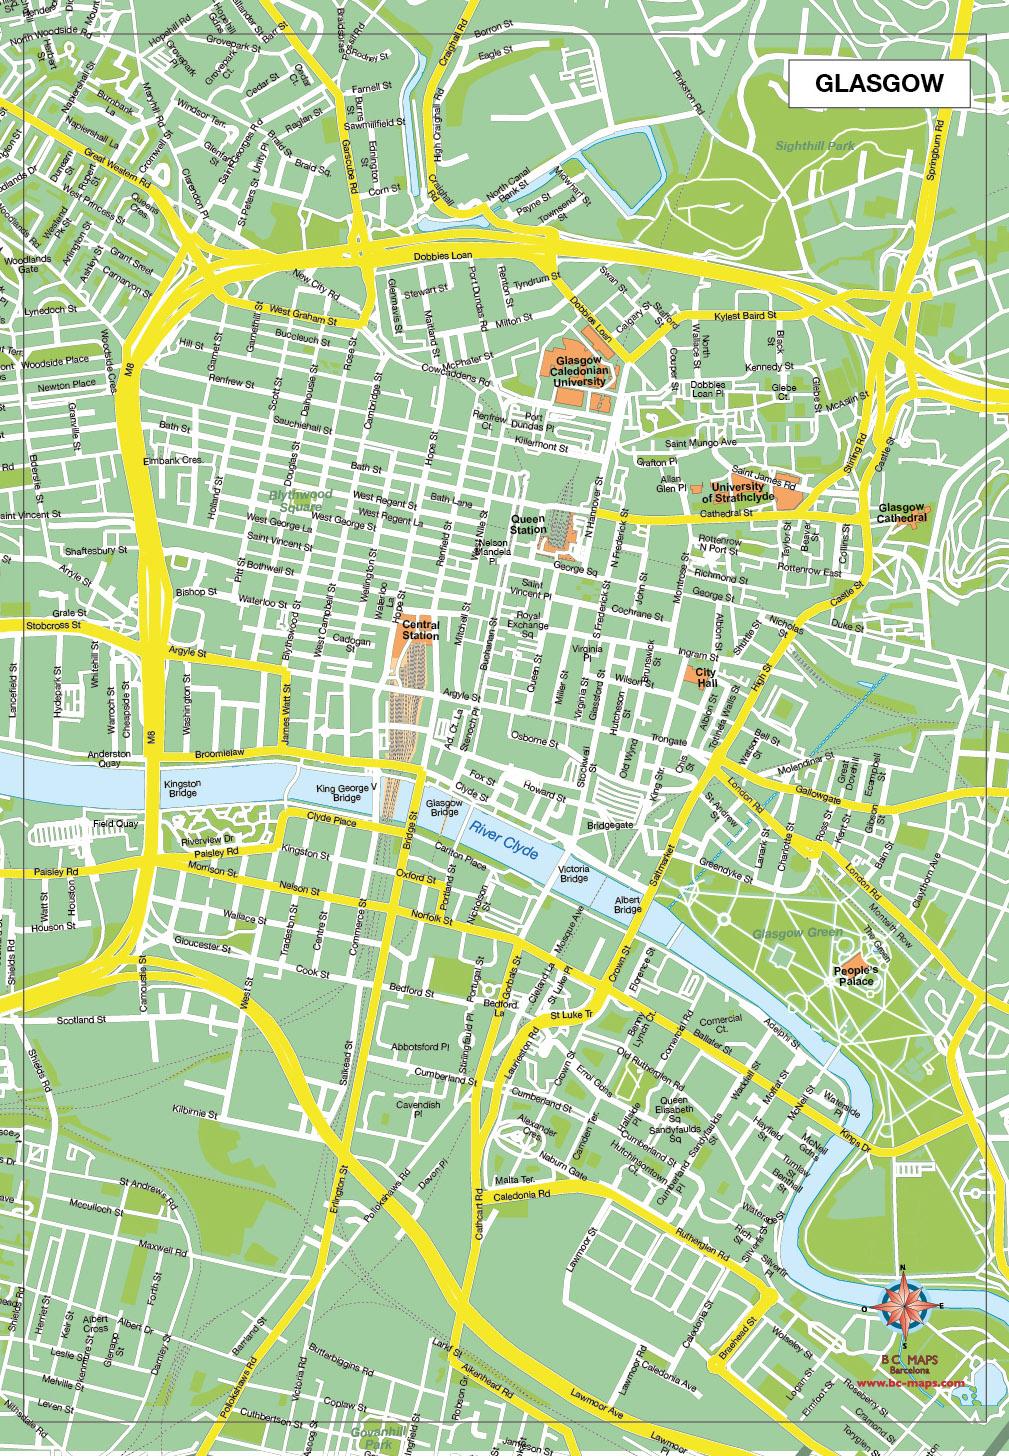 Glasgow plan de ville fond de carte vectoriel illustrator eps